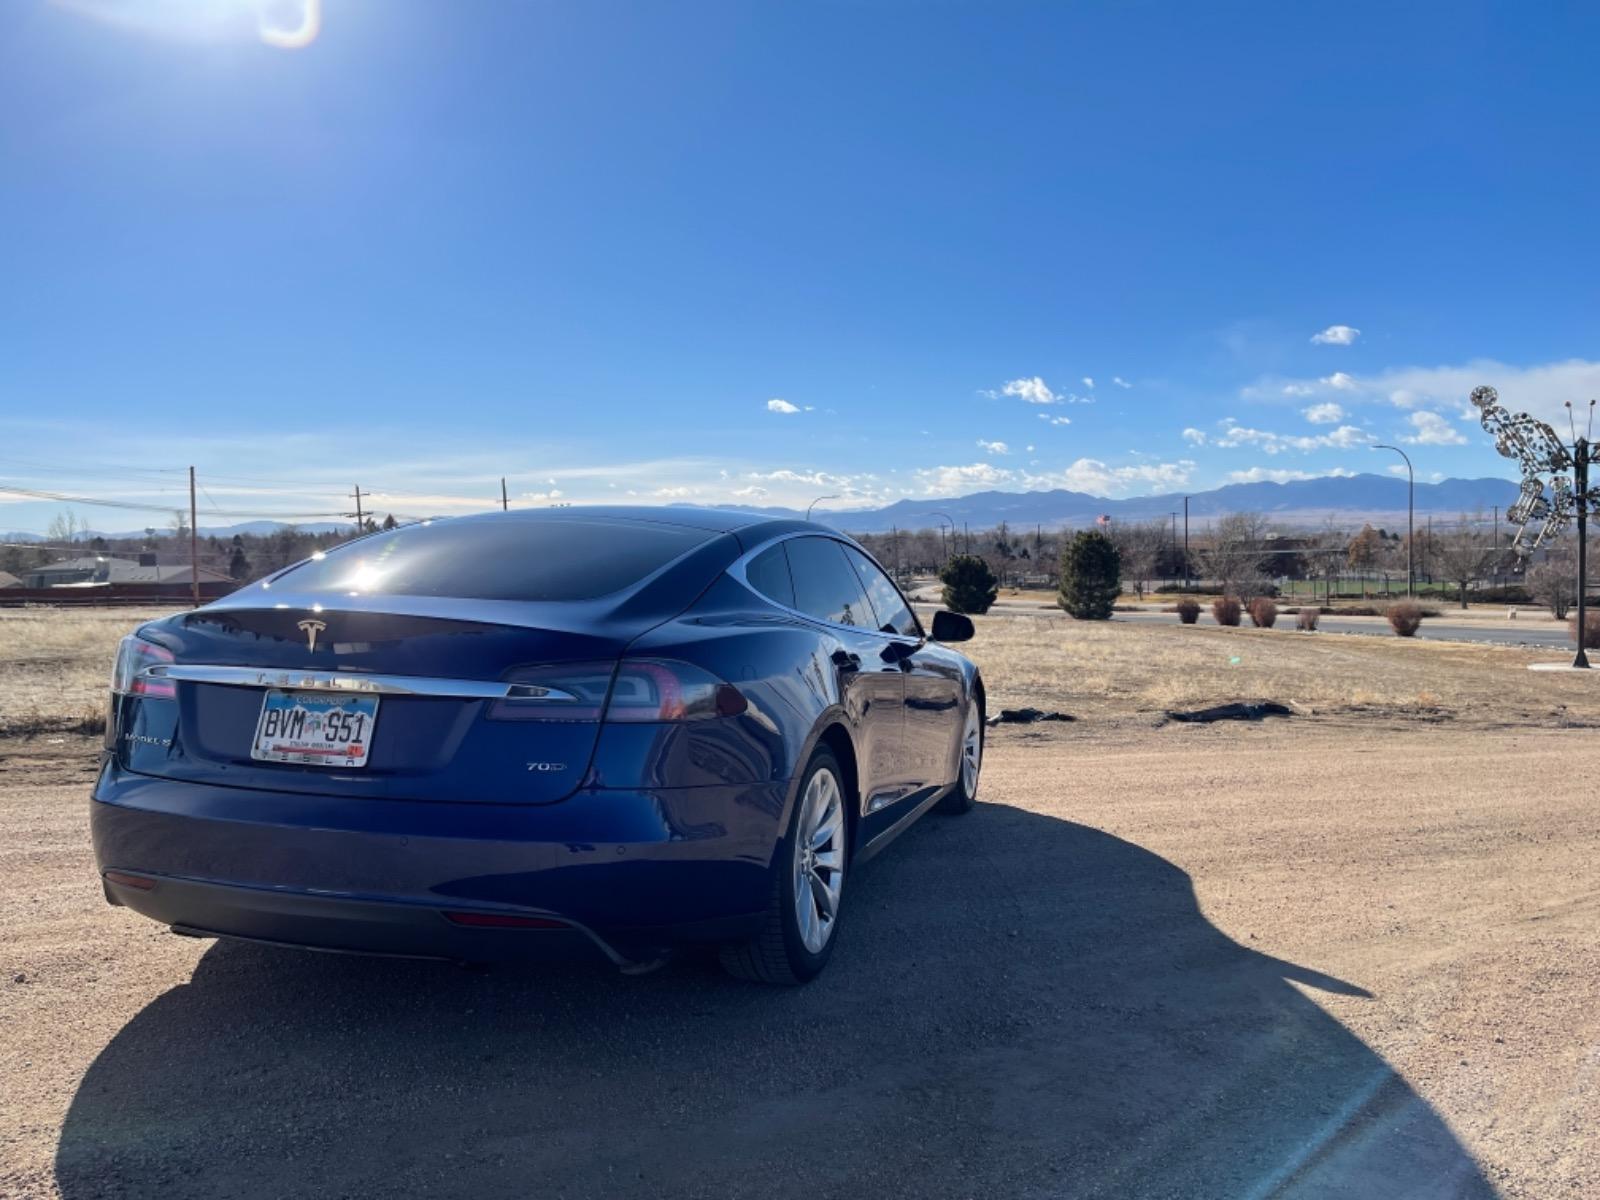 2016 Model S 70D full